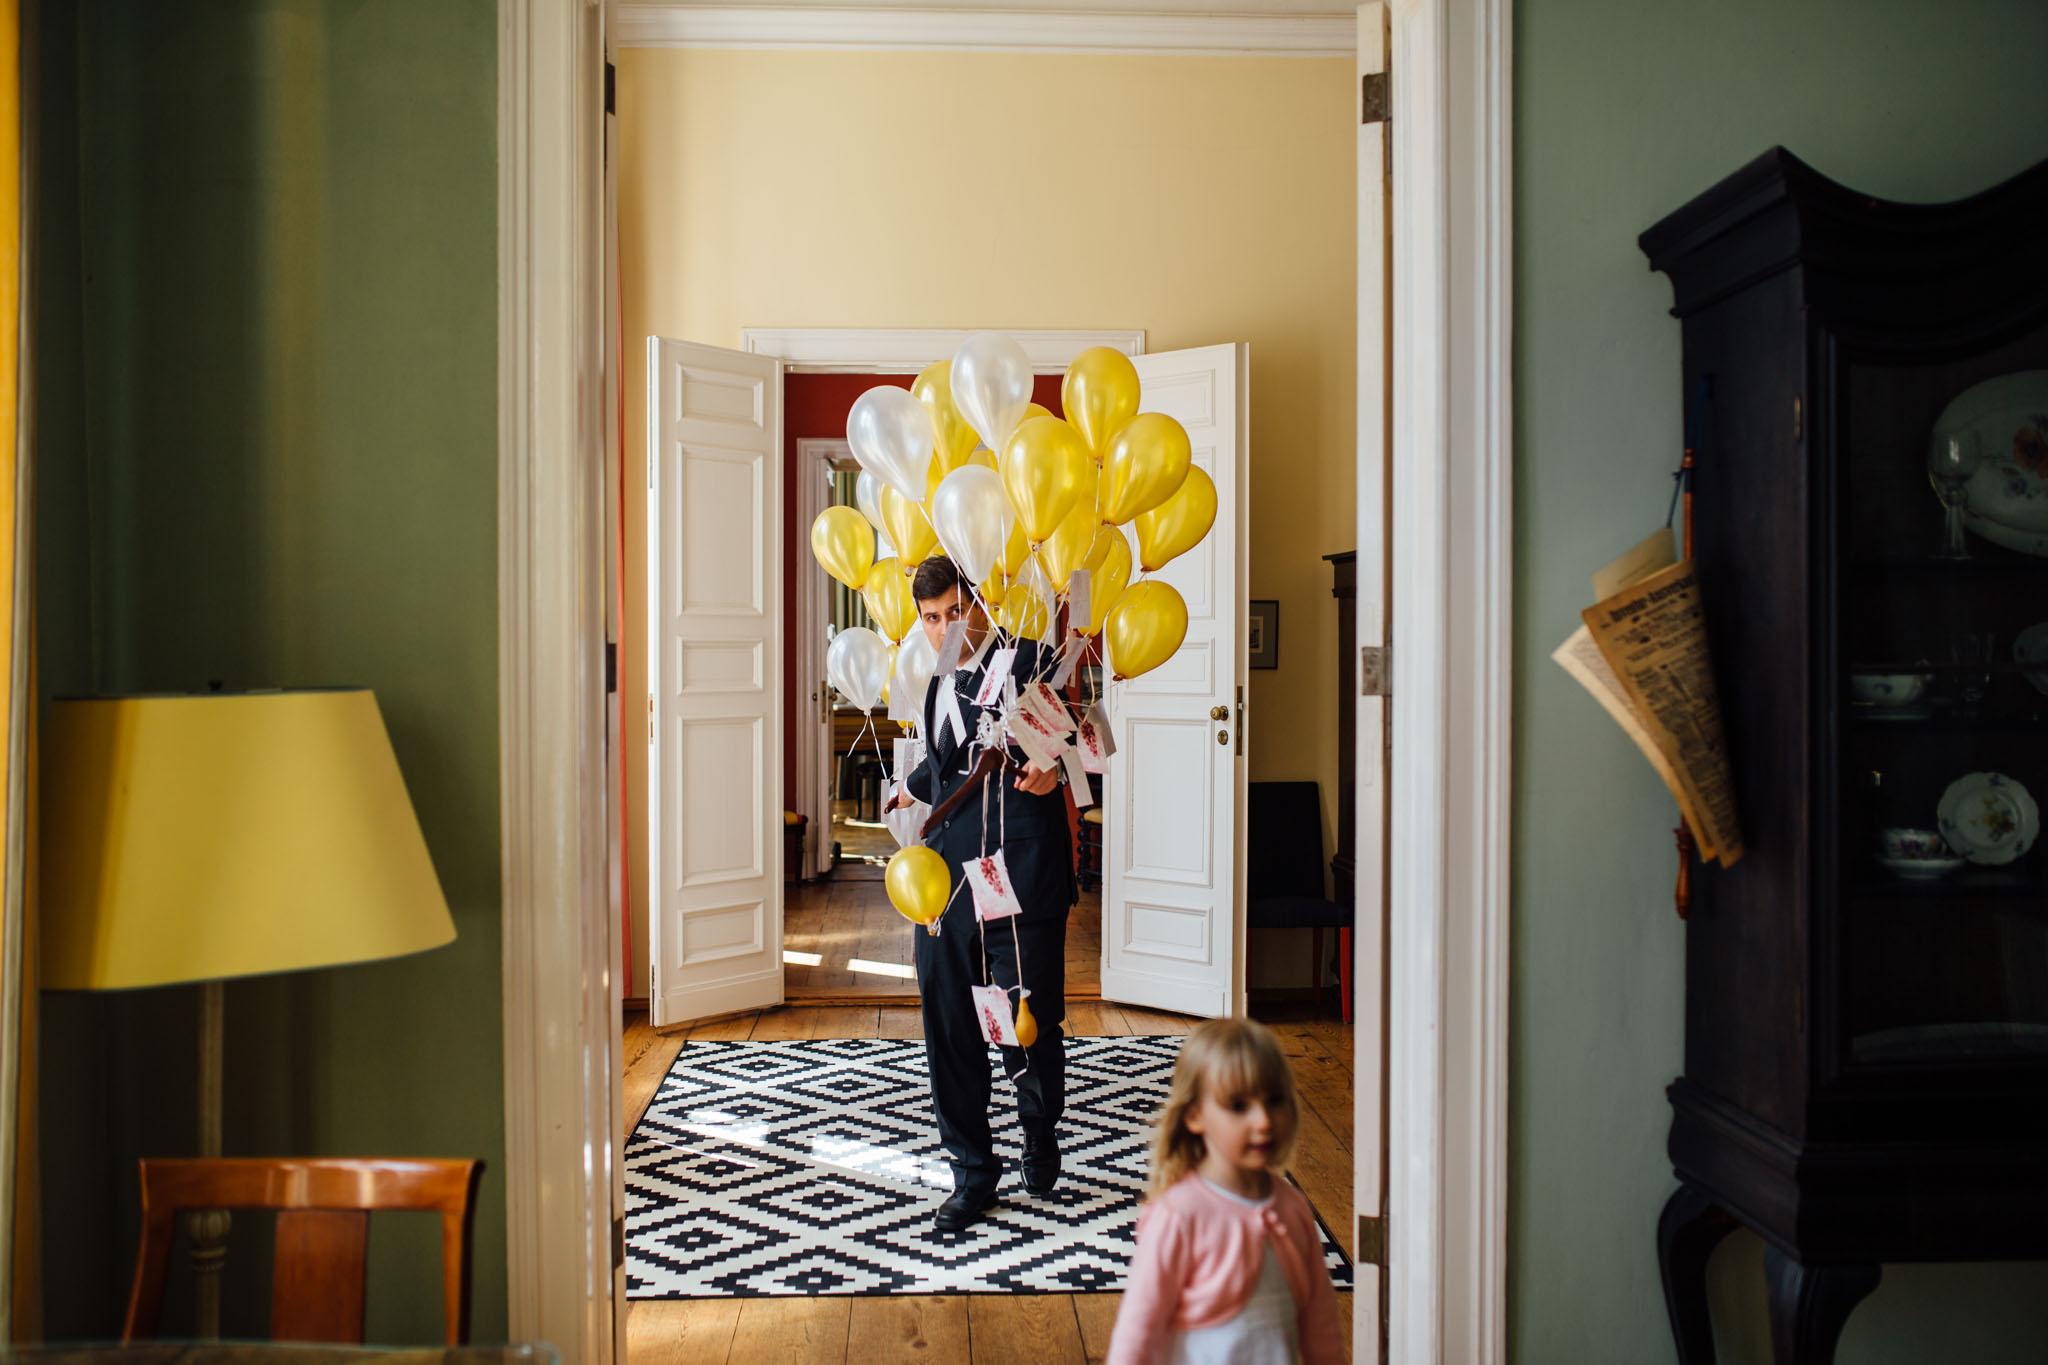 hochzeitsreportage-fotograf-brandenburg-ziethen-luftballons